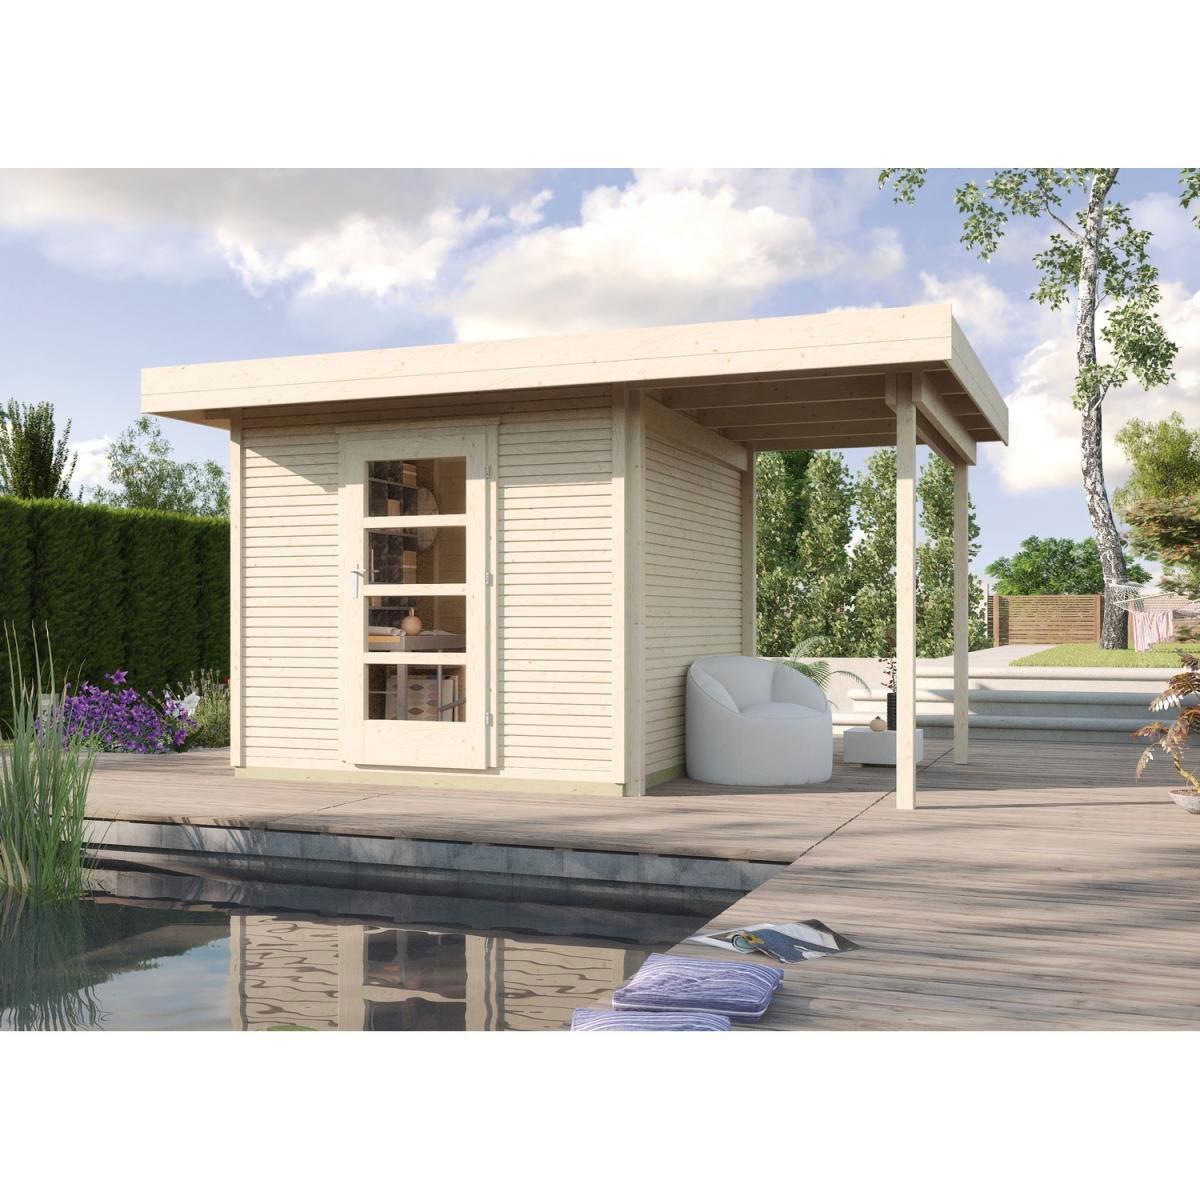 Weka Holz-Gartenhaus wekaLine Natur 210 cm x 205 cm mit Anbau 150 cm